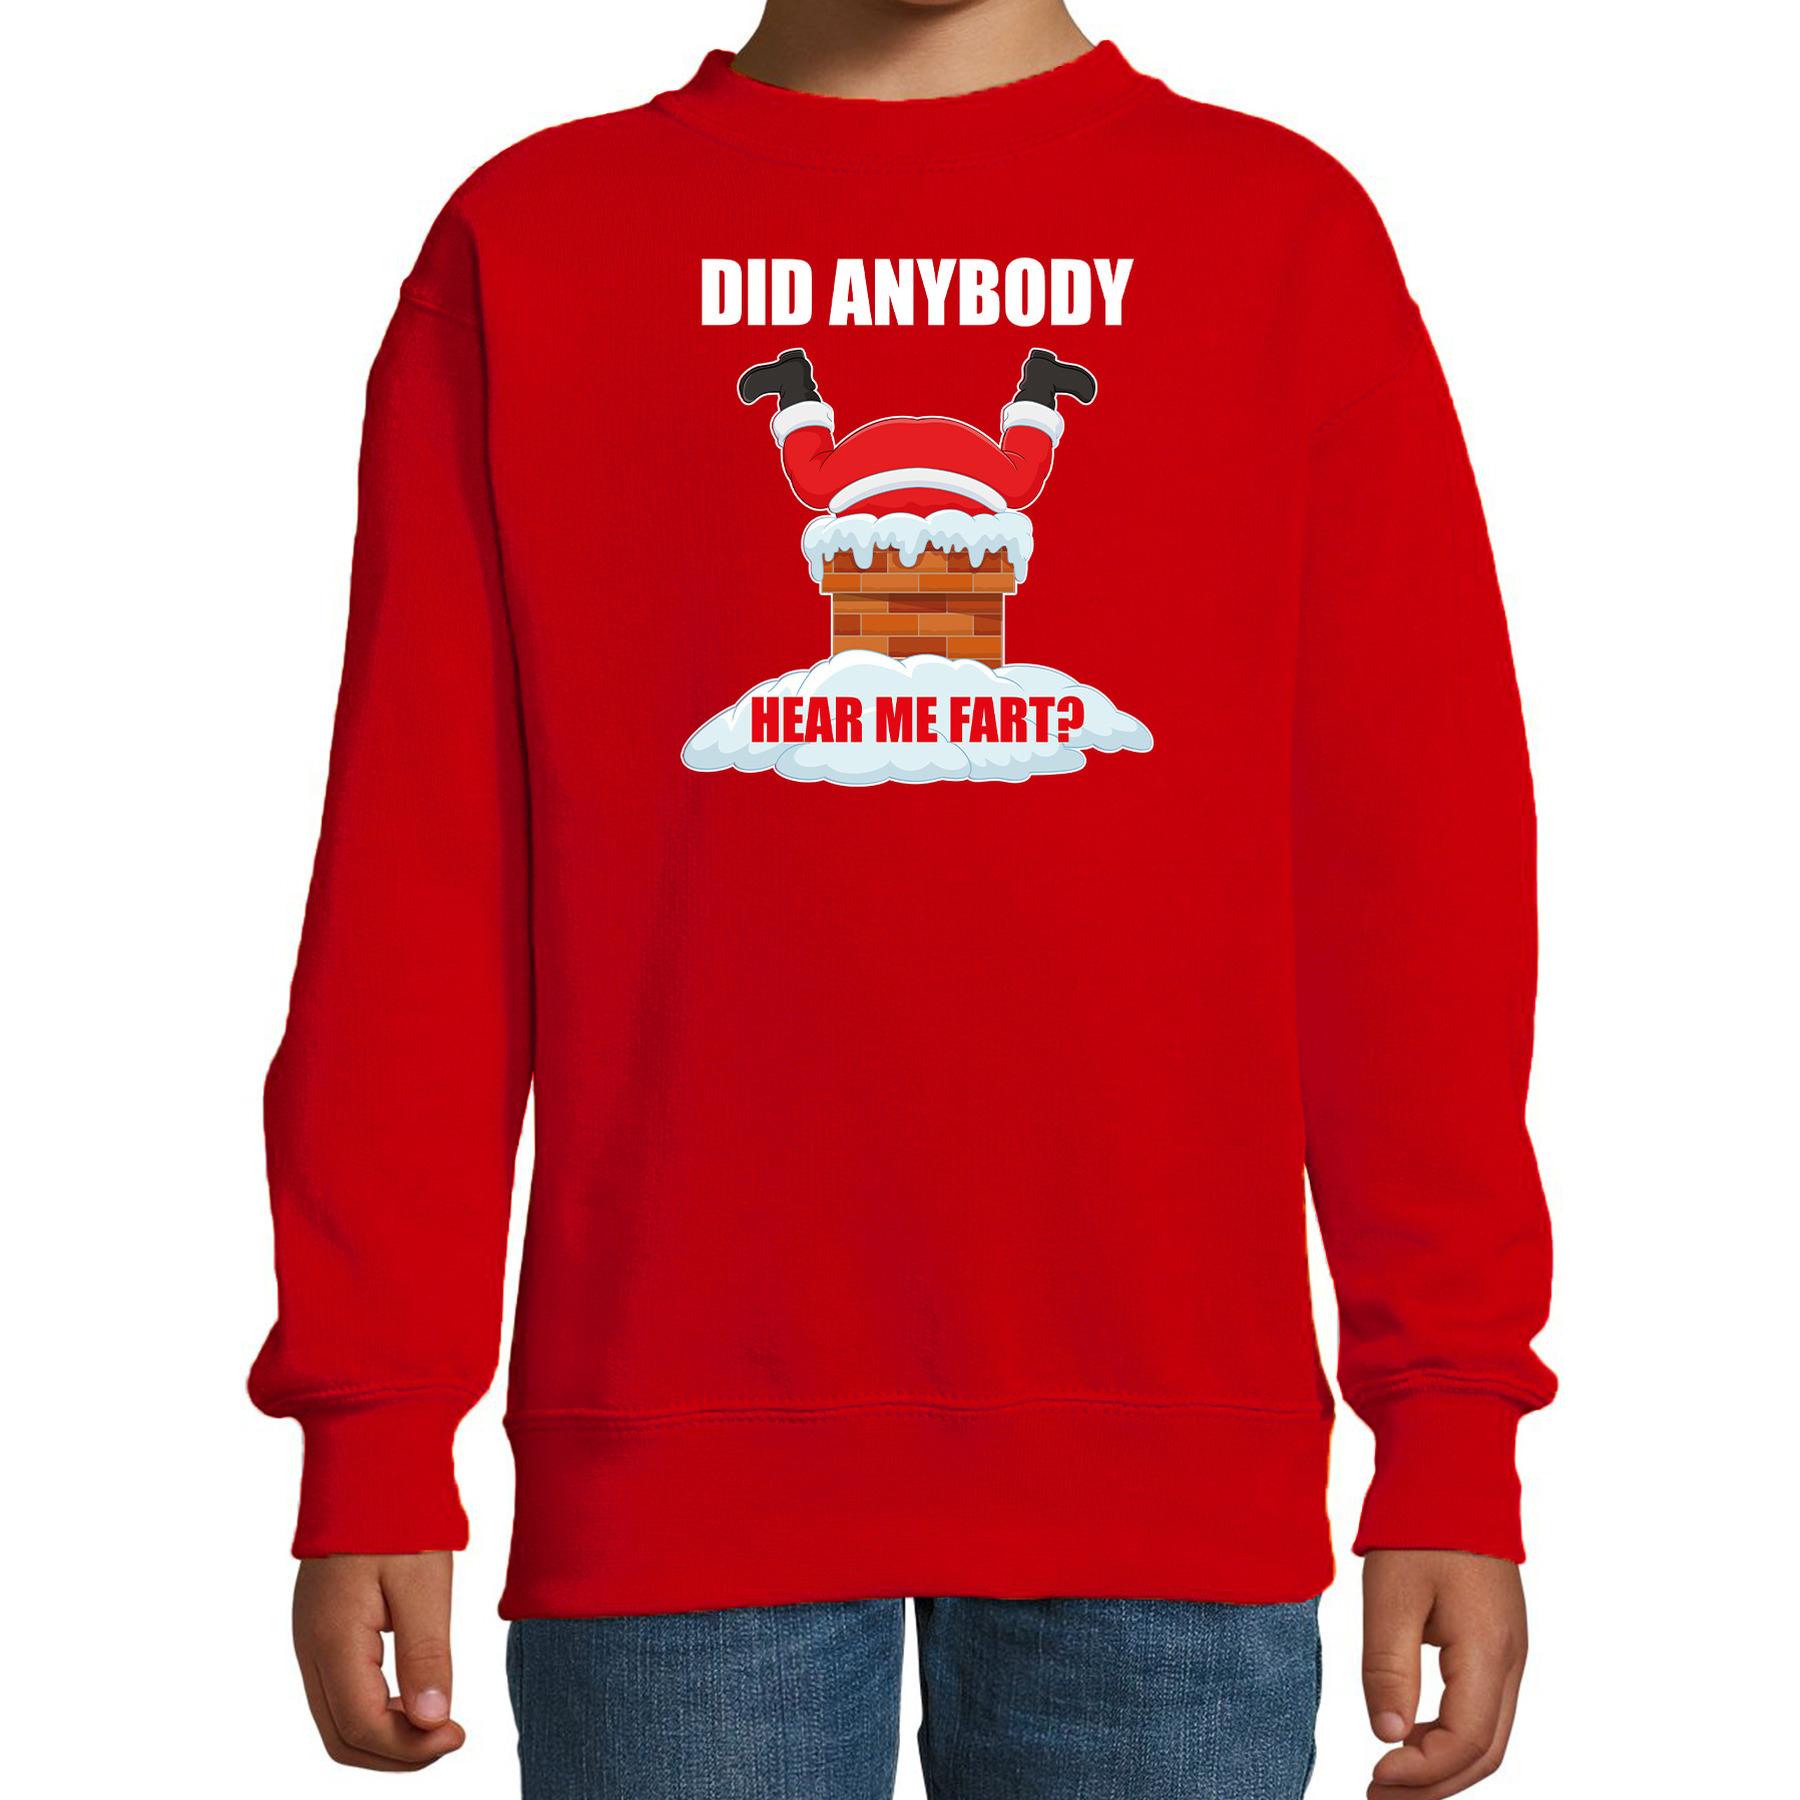 Rode Kersttrui - Kerstkleding Did anybody hear my fart voor kinderen 3-4 jaar (98/104) -